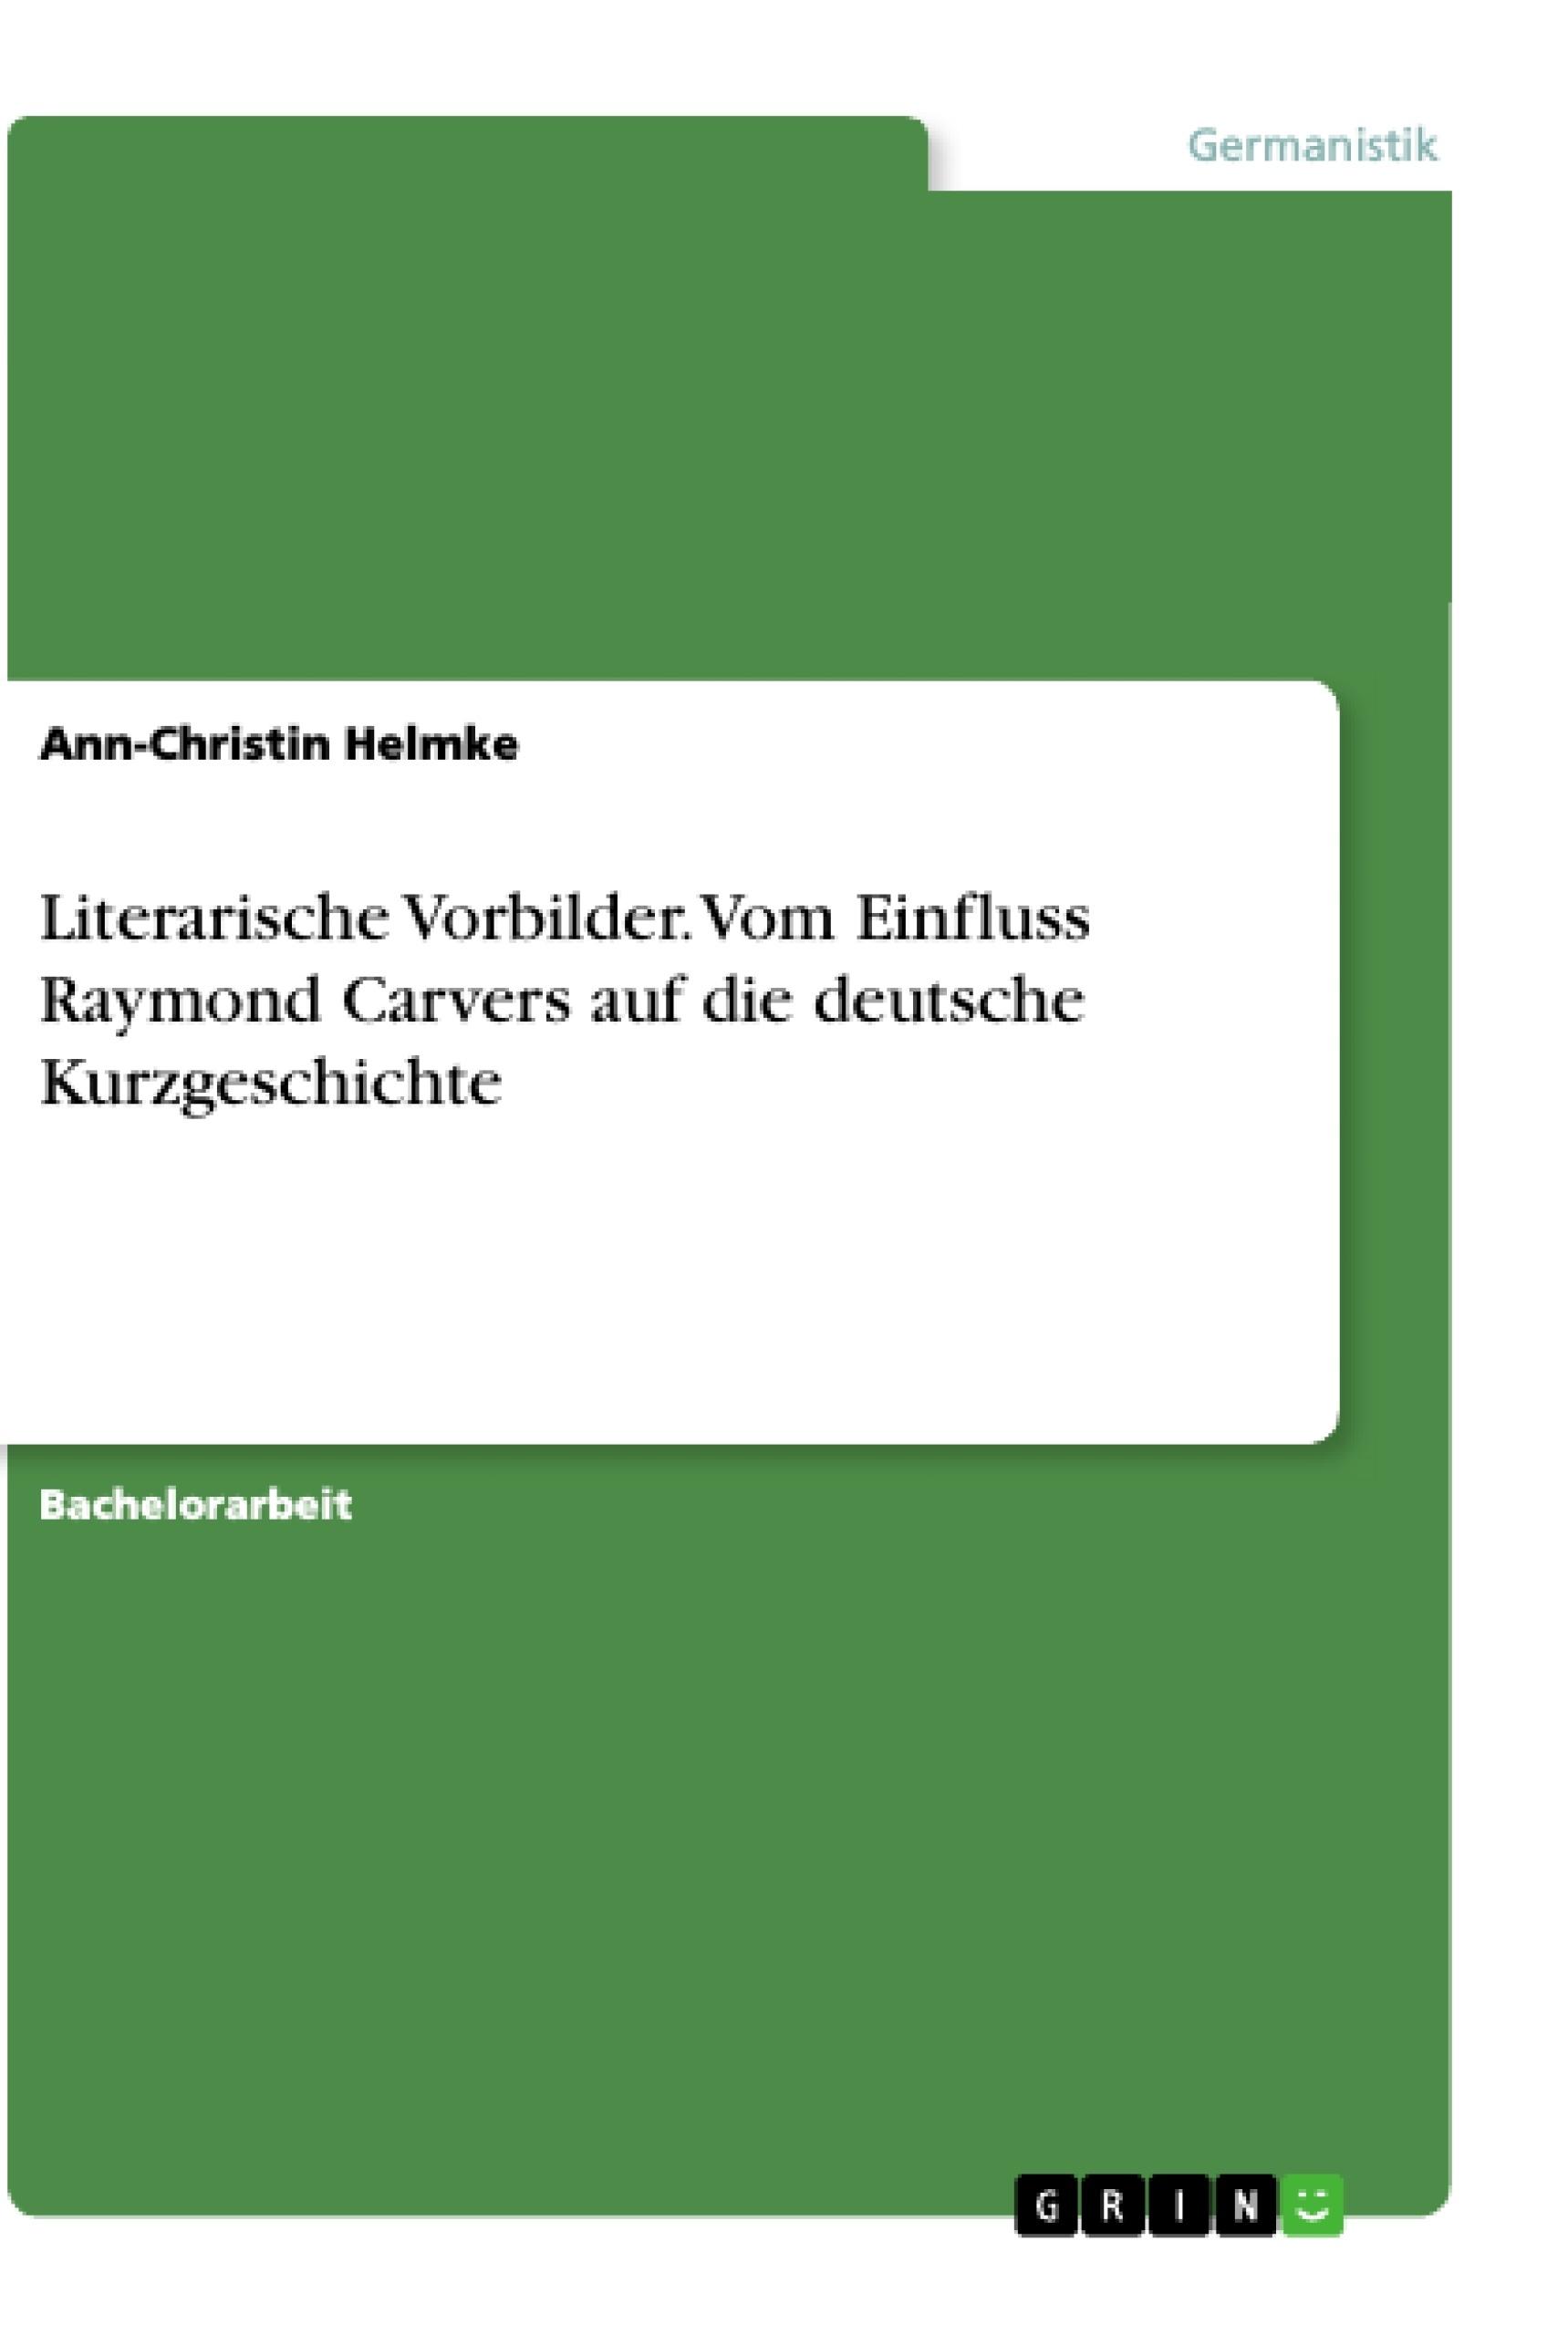 Titel: Literarische Vorbilder. Vom Einfluss Raymond Carvers auf die deutsche Kurzgeschichte